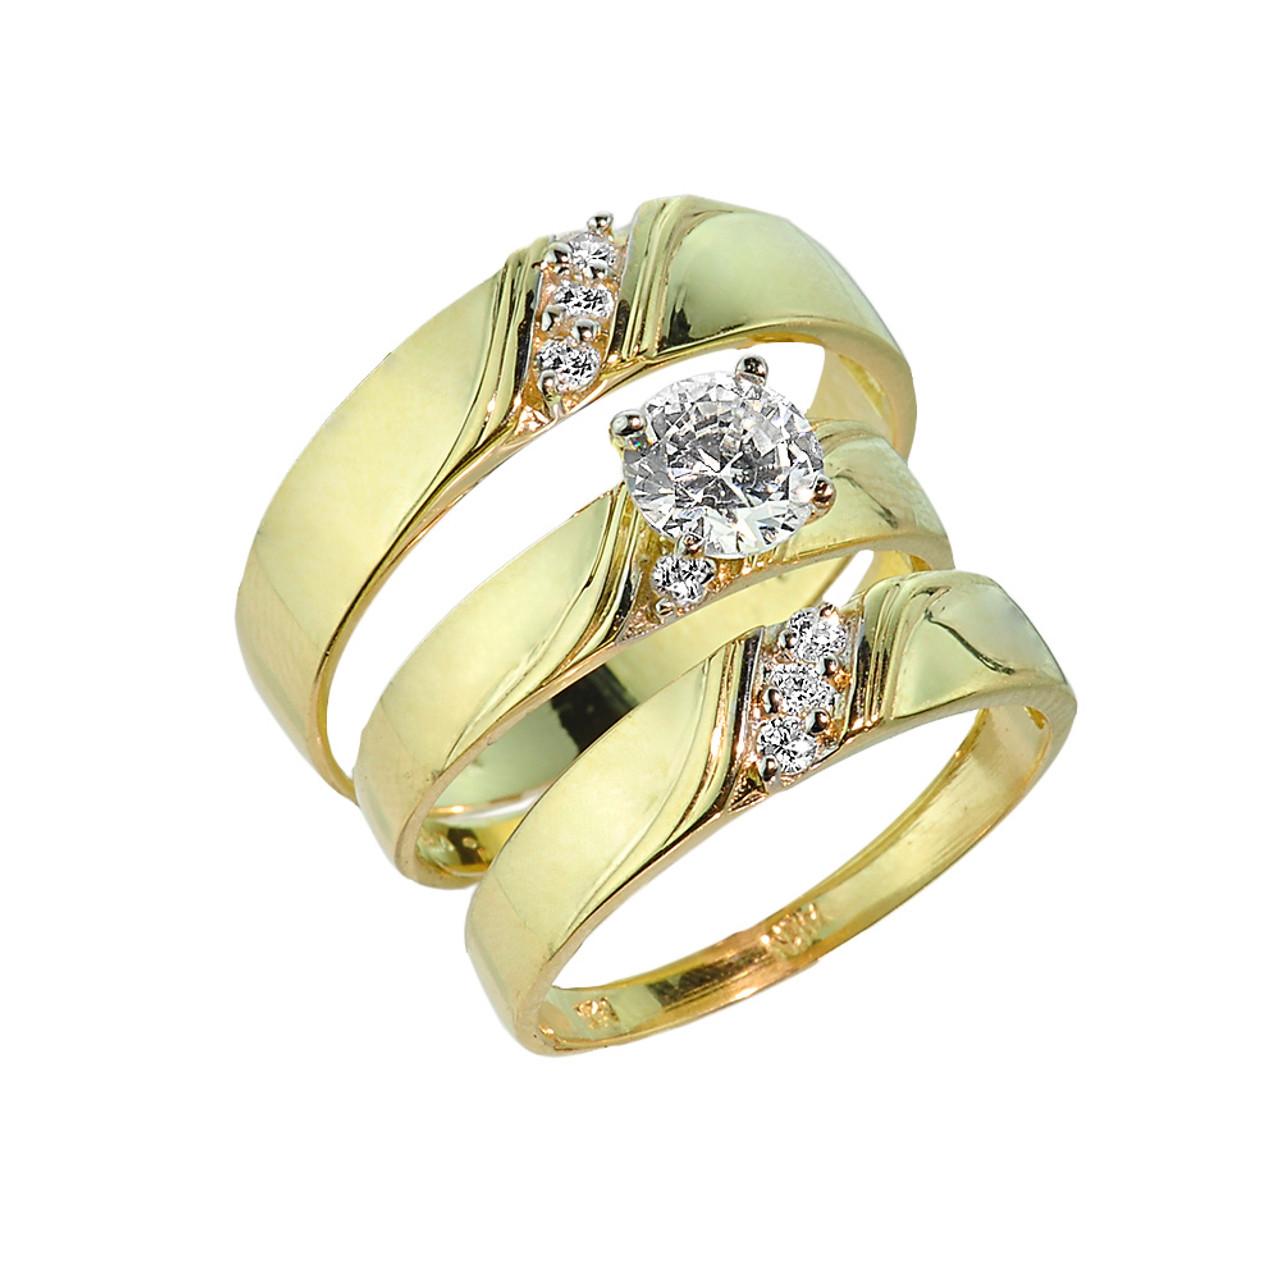 3 Piece Gold Cz Wedding Ring Set Engagement Ring Wedding Rings